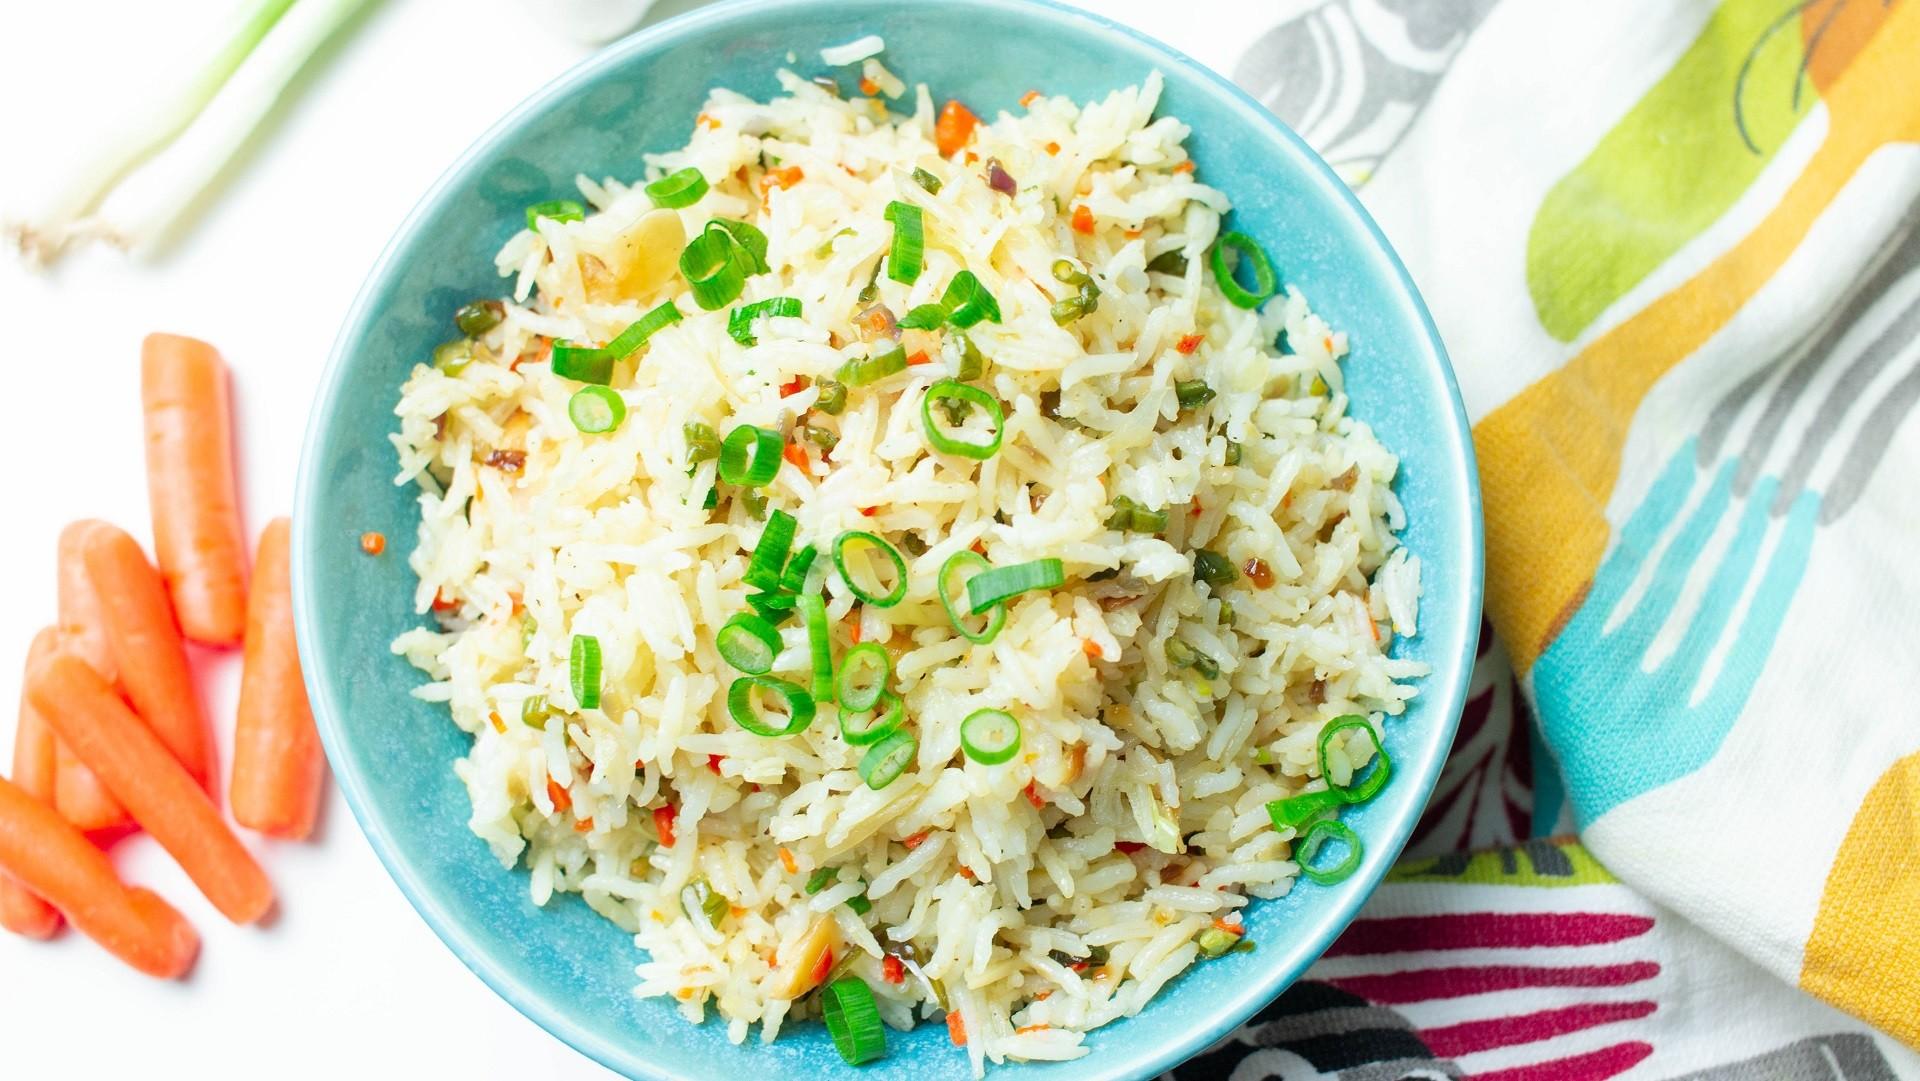 Gebratener Reis ist ein tolles vegetarisches Gericht für Kinder